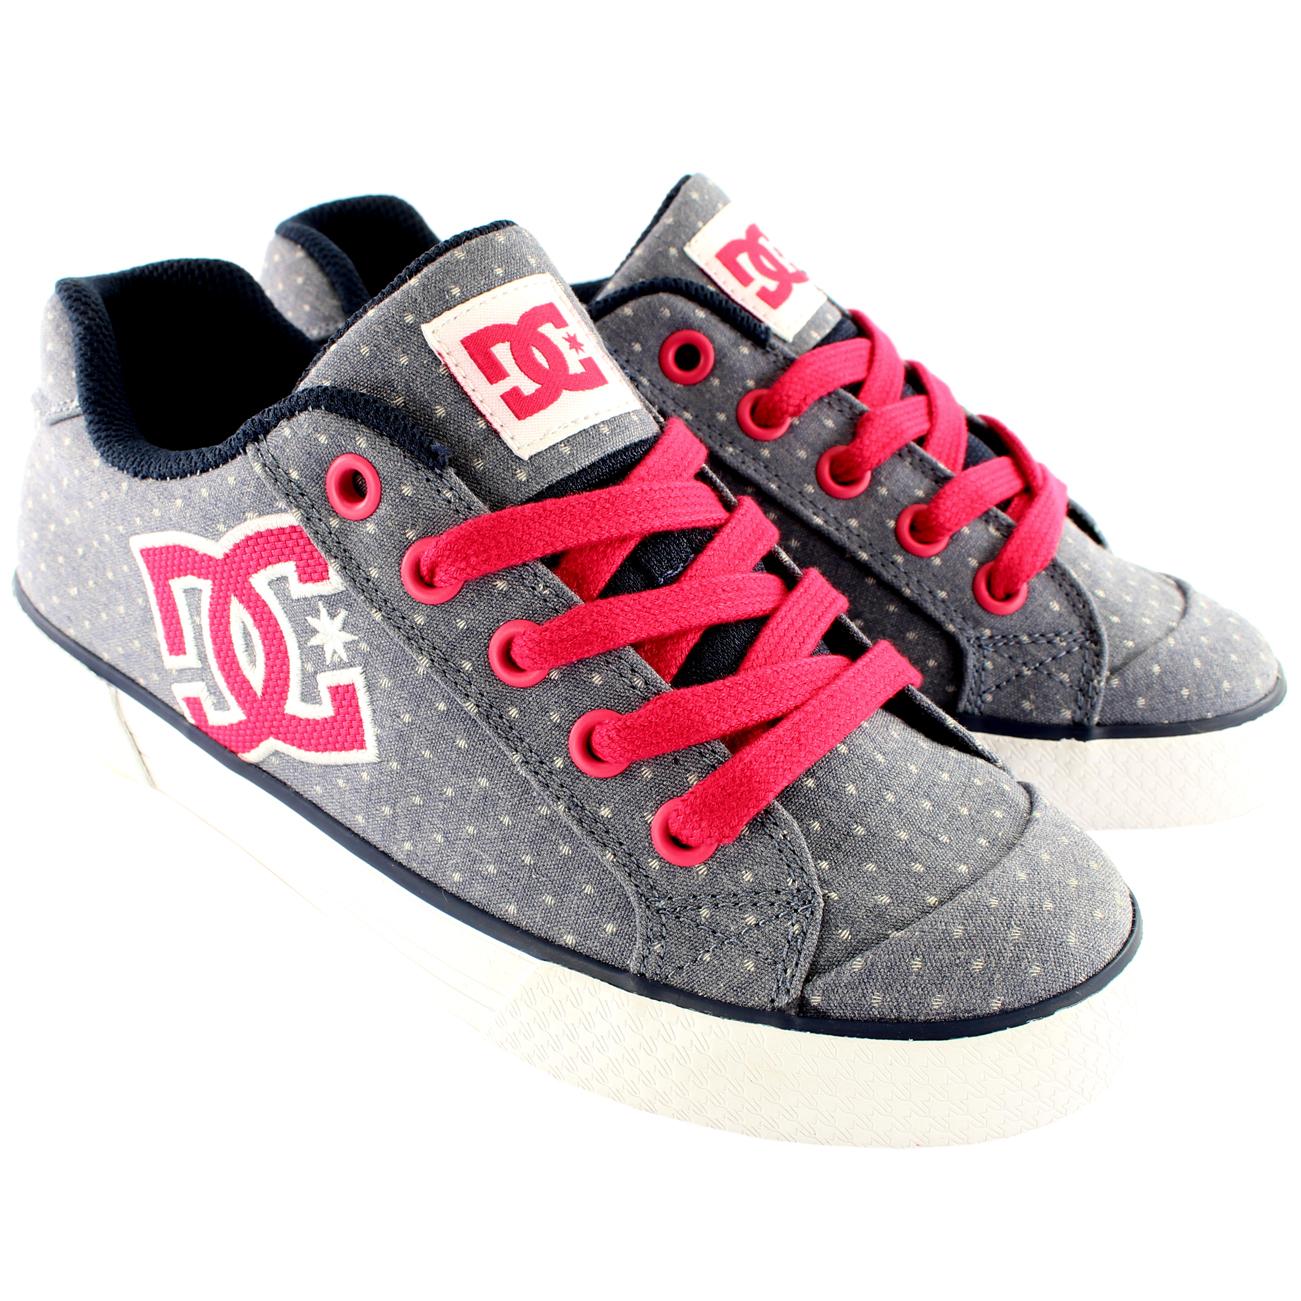 DC Shoes Chelsea SE Low Cut Skate Shoes